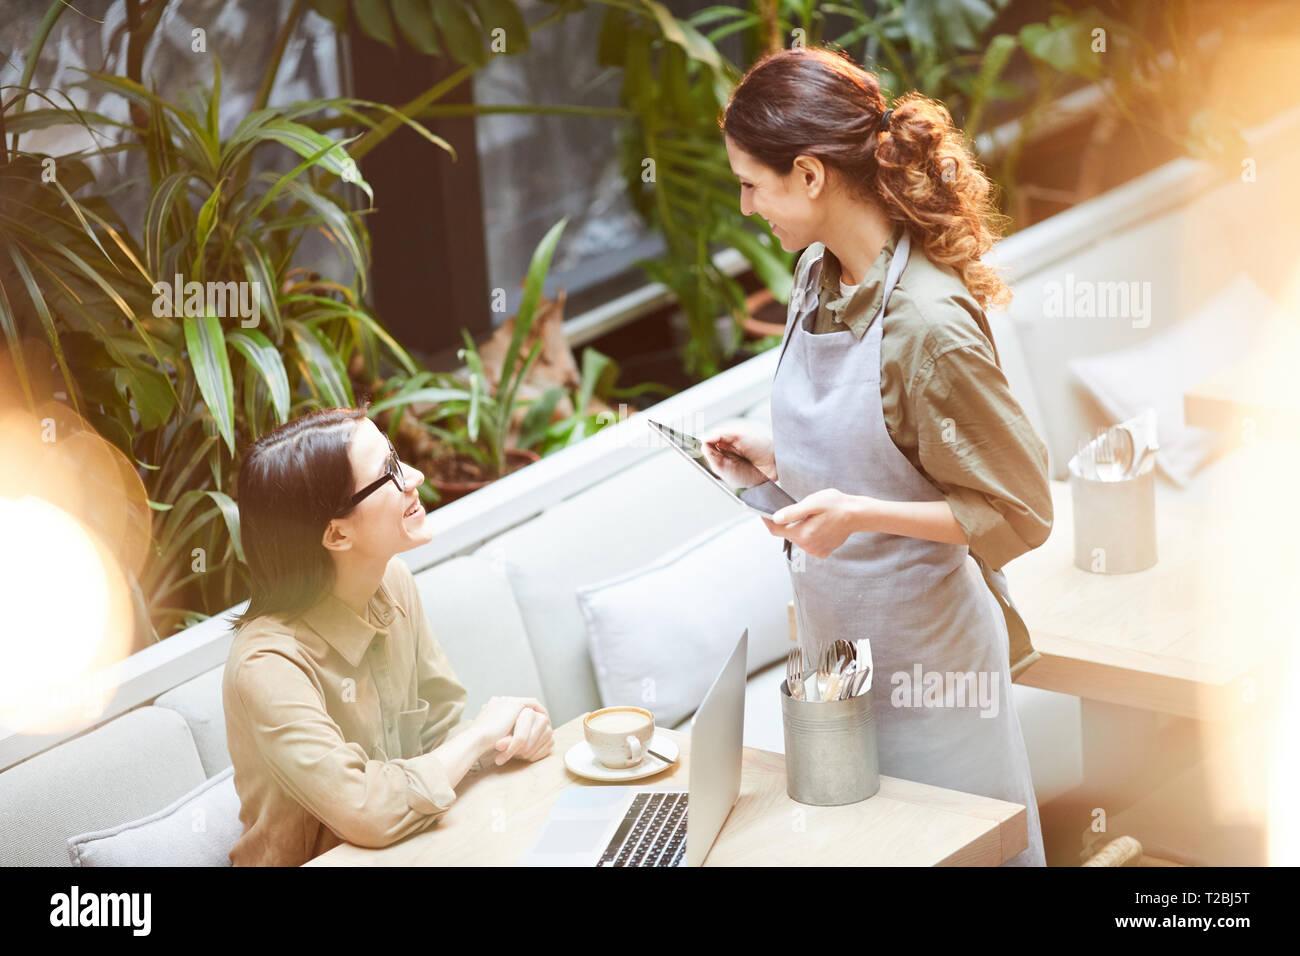 Kellnerin im Gespräch mit jungen Kunden im Cafe Stockbild